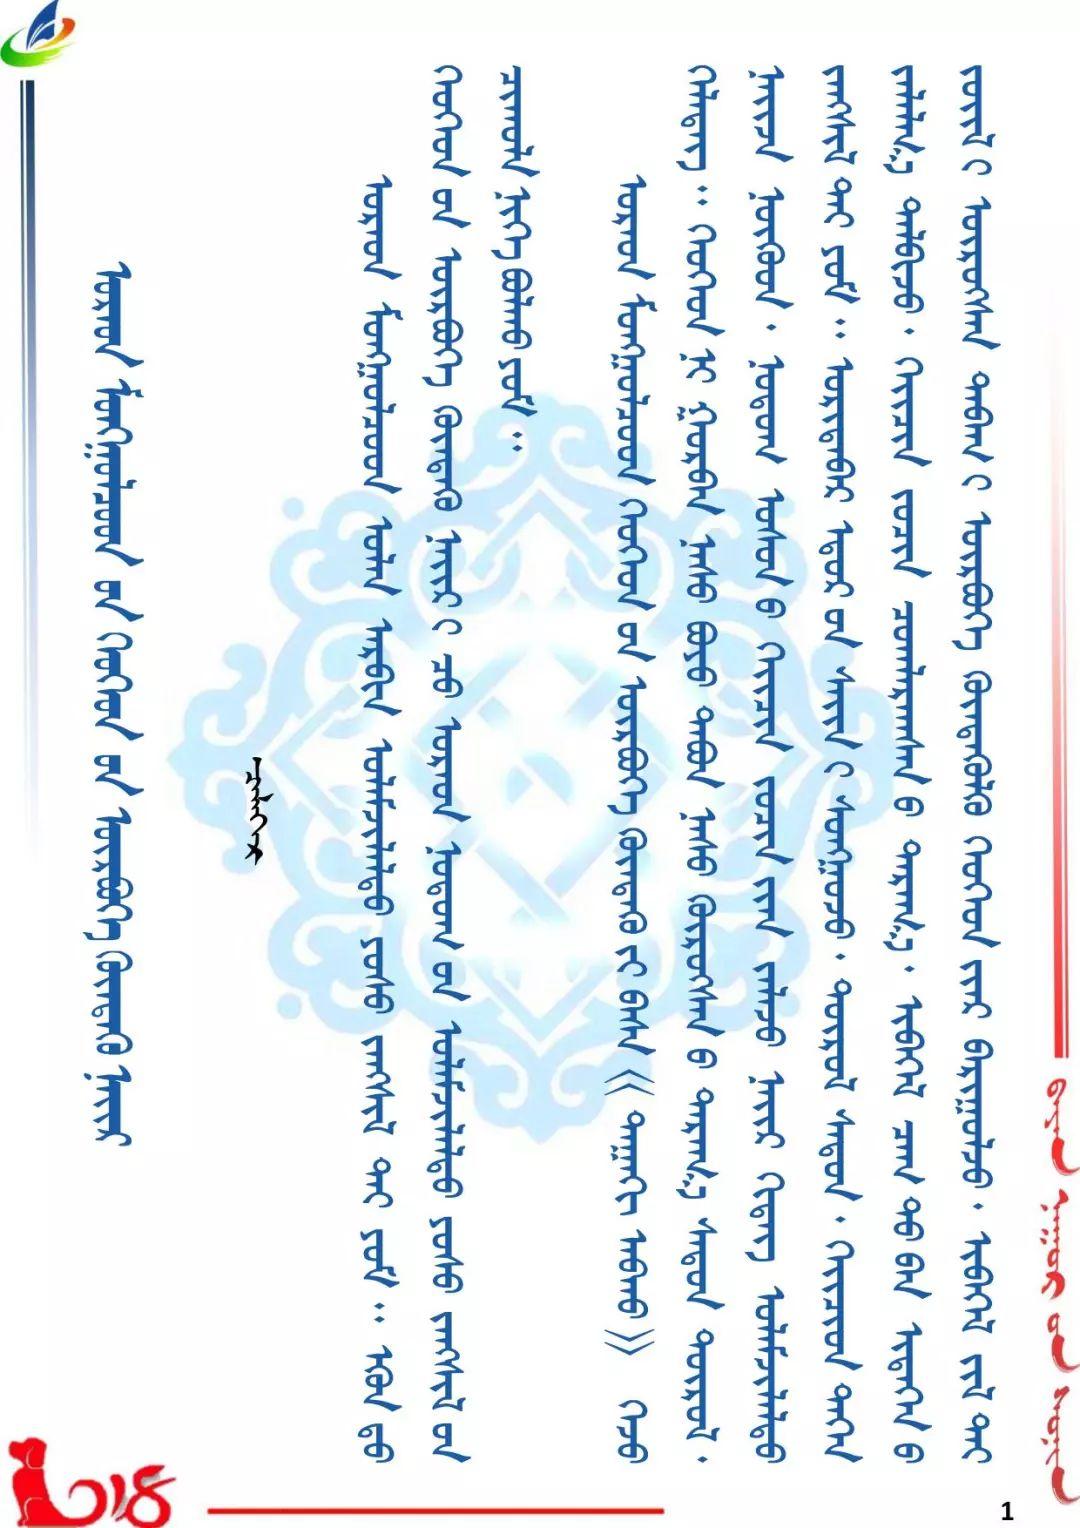 【乌拉特文化】蒙古族理剃胎发仪式 第1张 【乌拉特文化】蒙古族理剃胎发仪式 蒙古文化